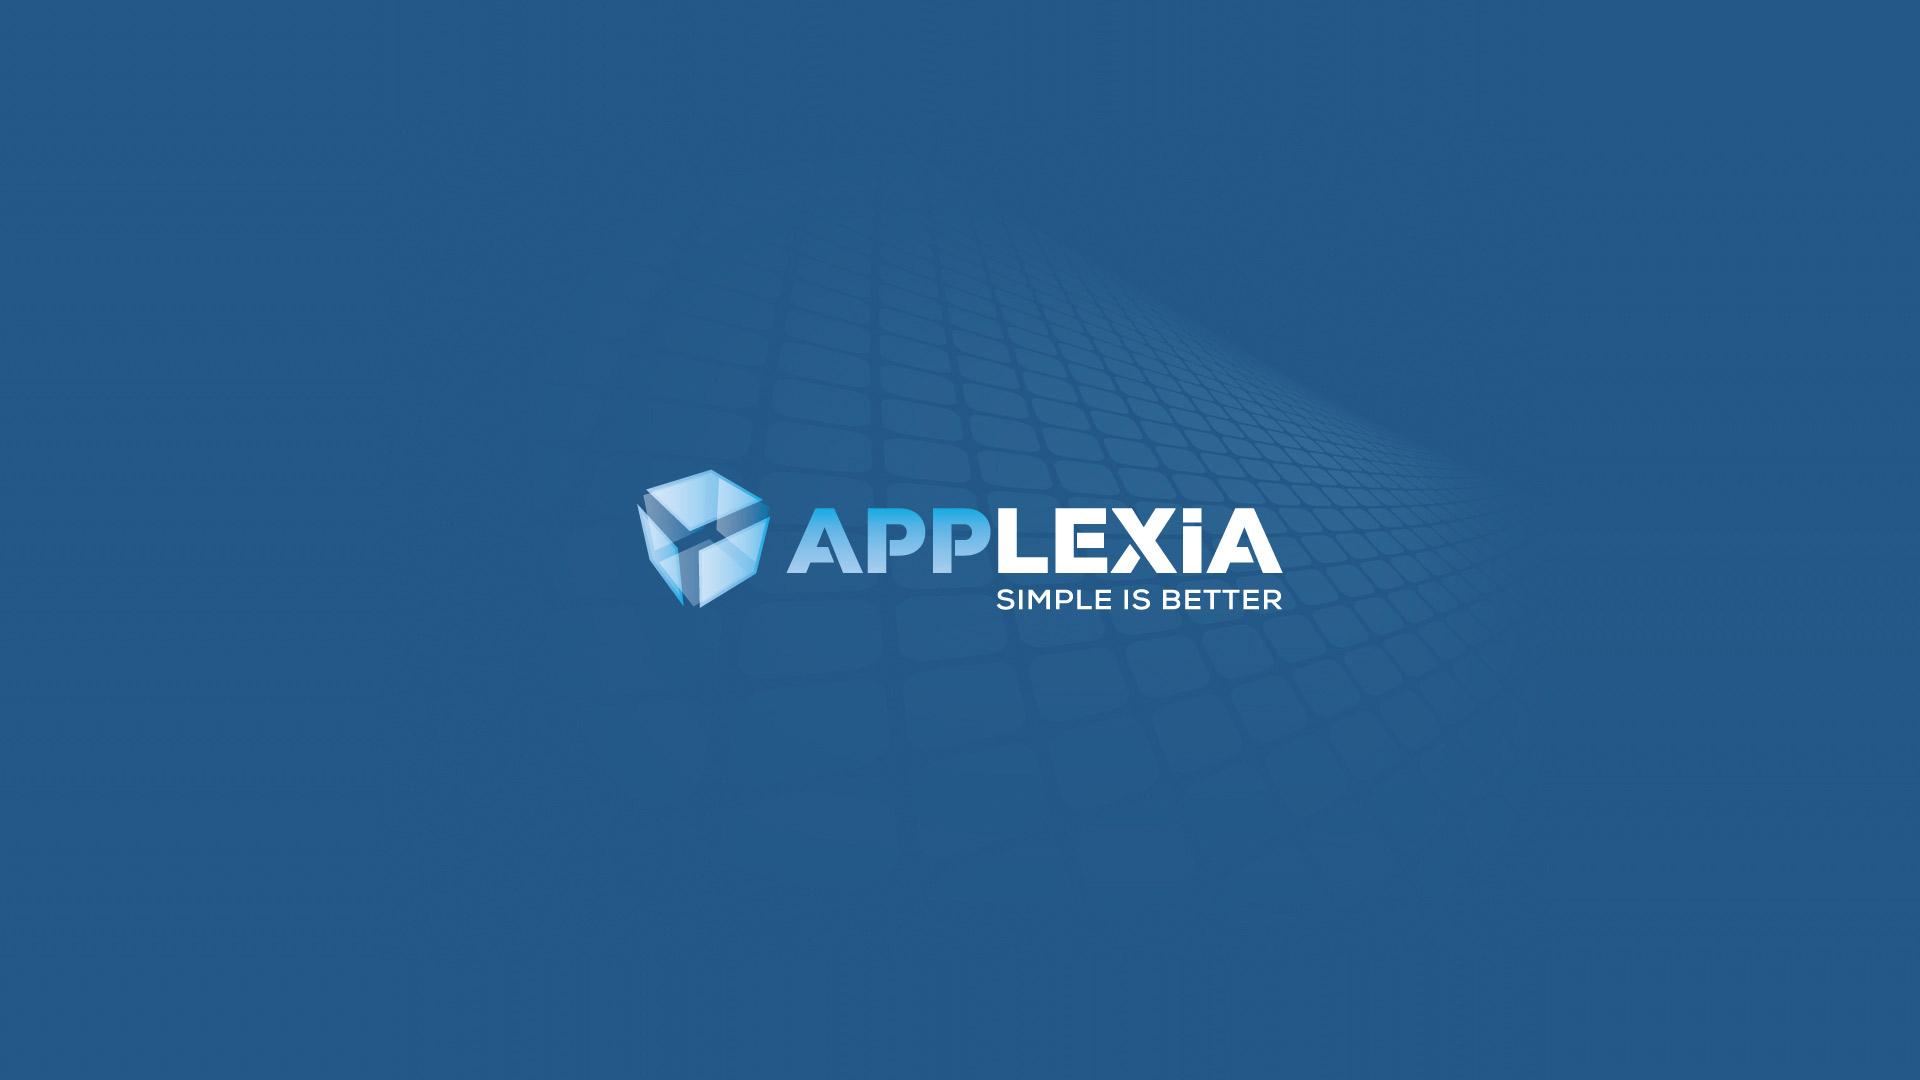 applexia-v2-16